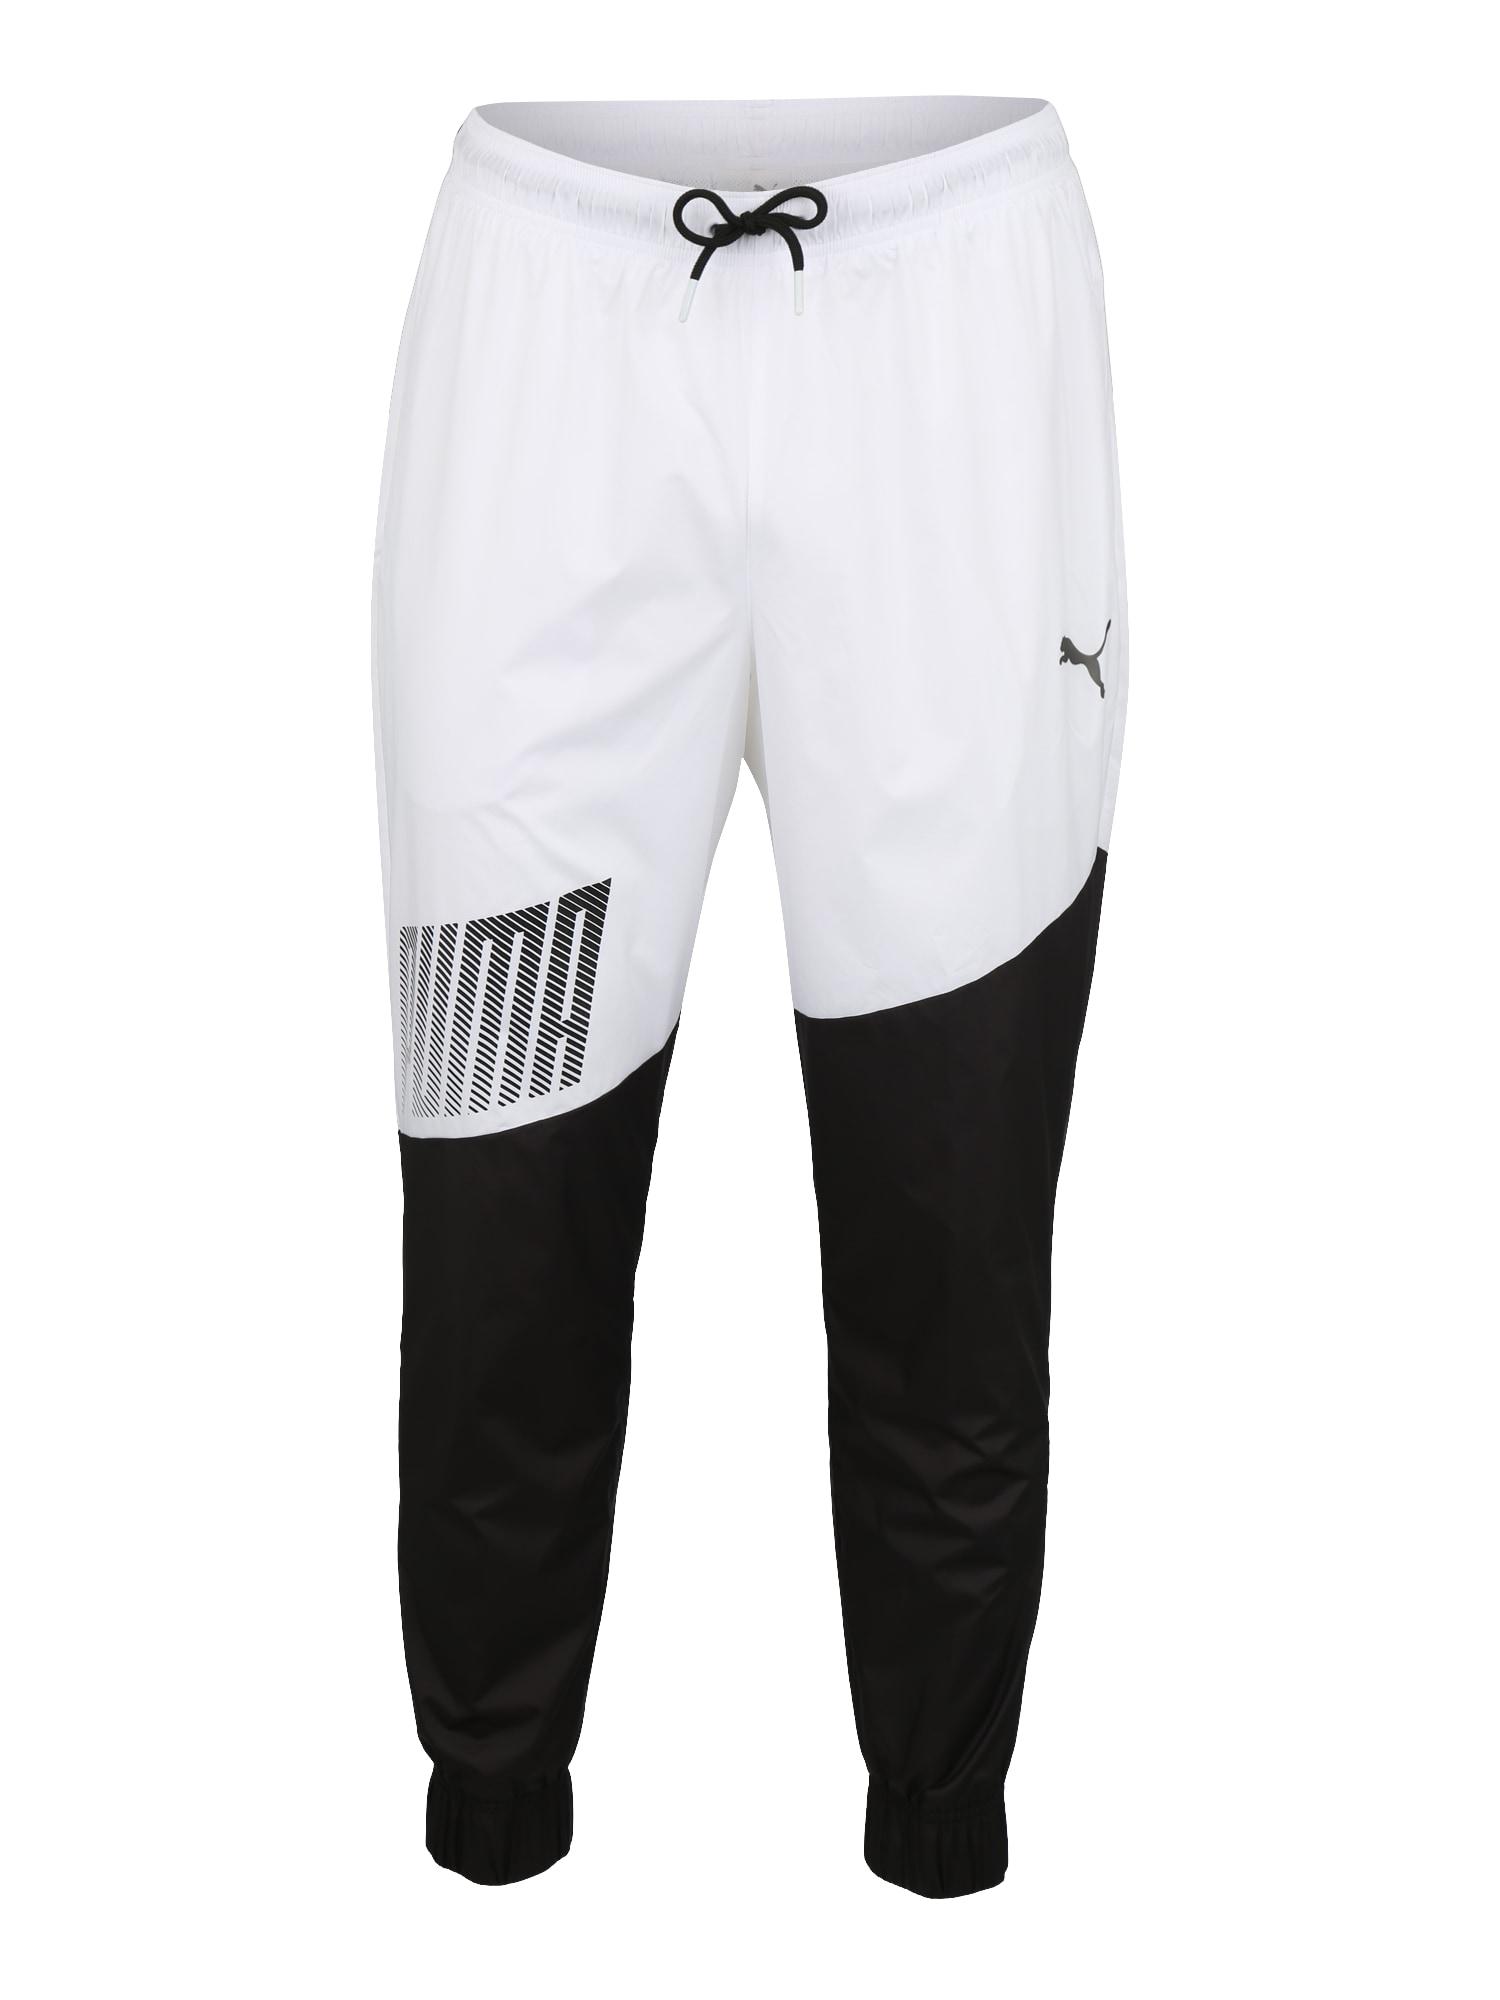 PUMA Sportovní kalhoty 'A.C.E. Trackster'  bílá / černá